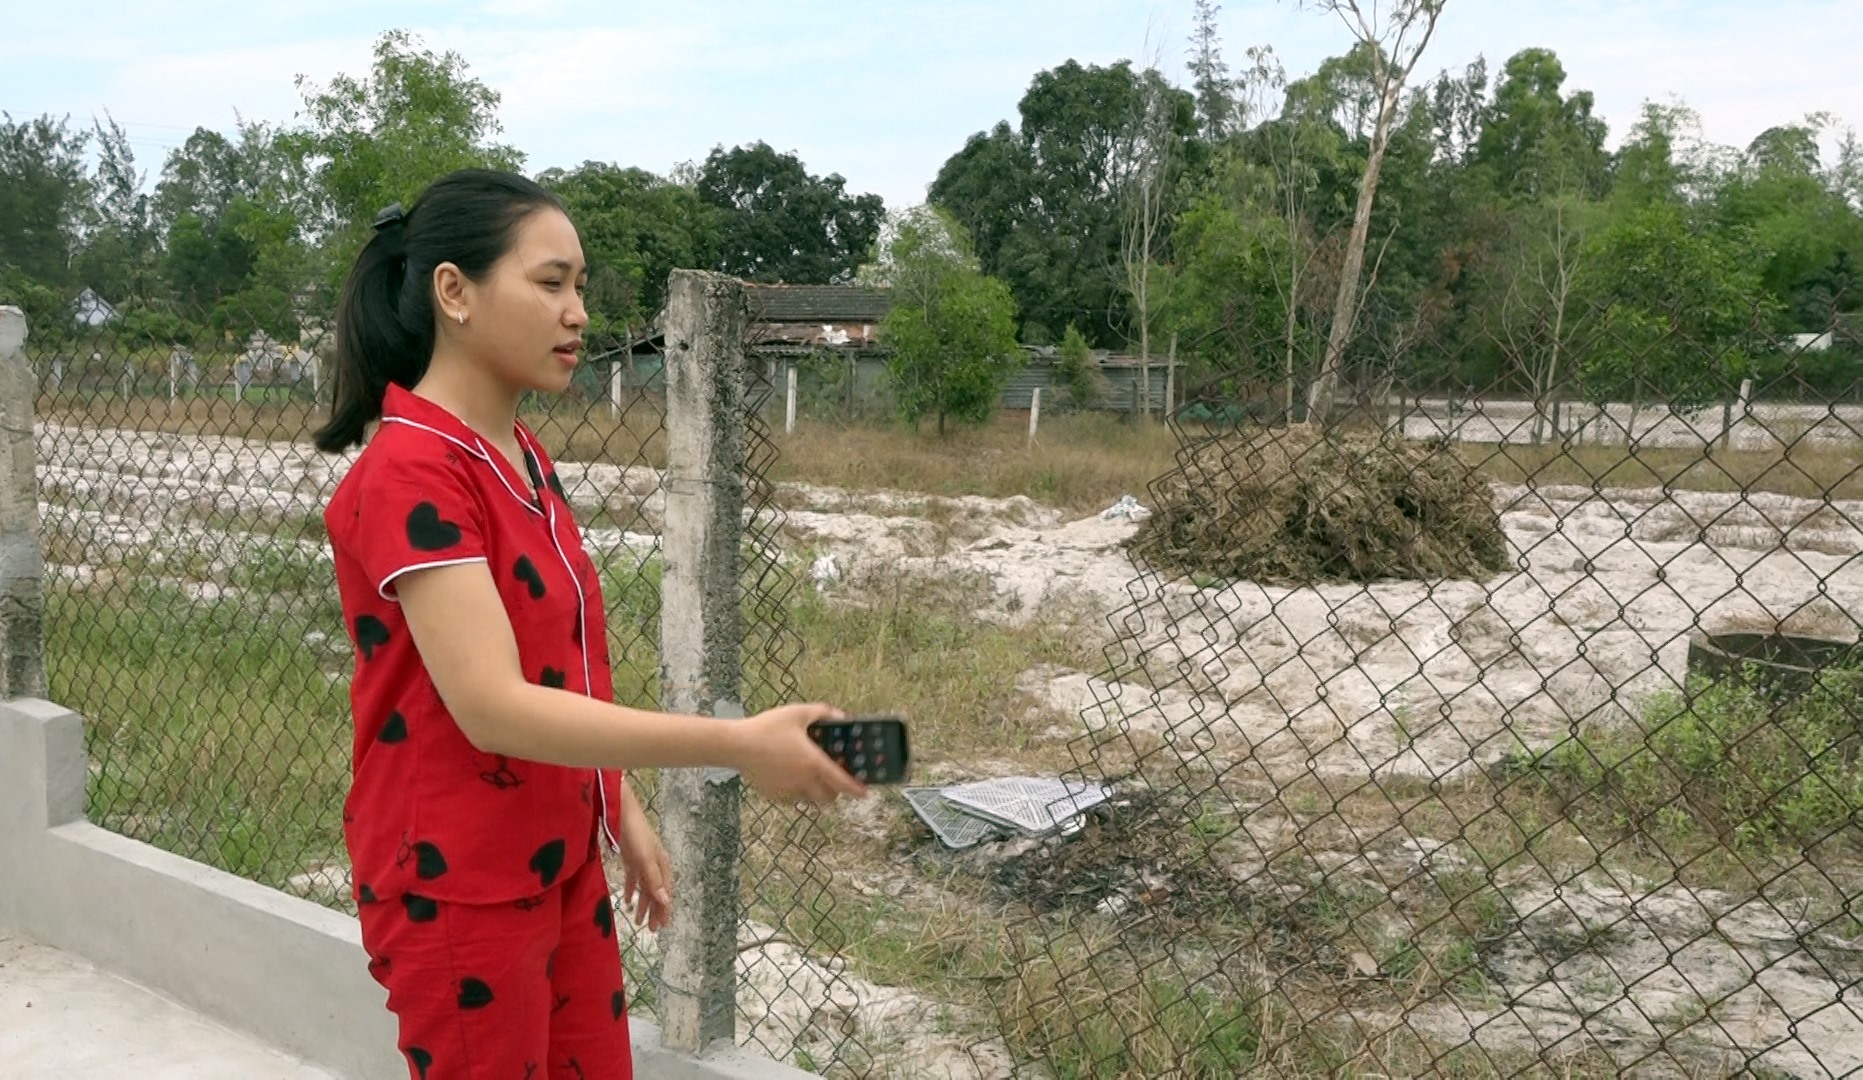 Bờ rào bằng lưới B40 nhà bà Tính bị trộm xẻ dọc để vào nhà.